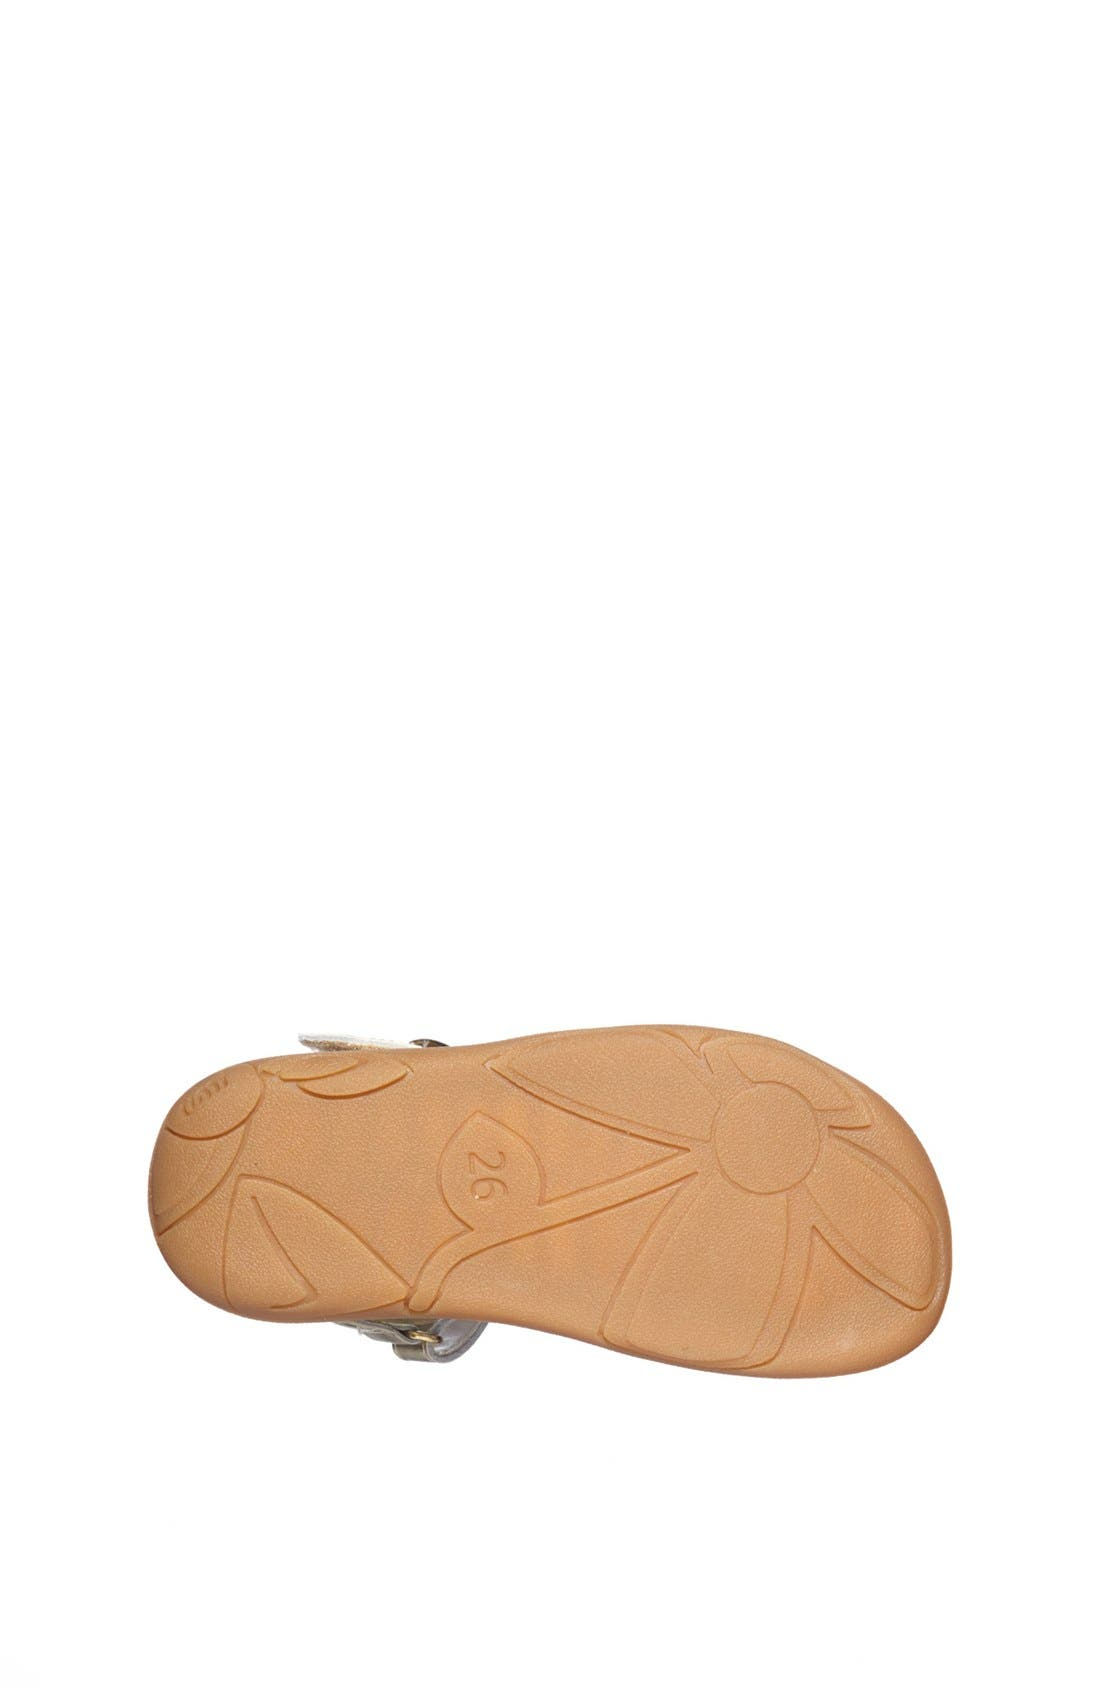 Alternate Image 4  - Umi 'Cora' Ankle Strap Sandal (Walker, Toddler & Little Kid)